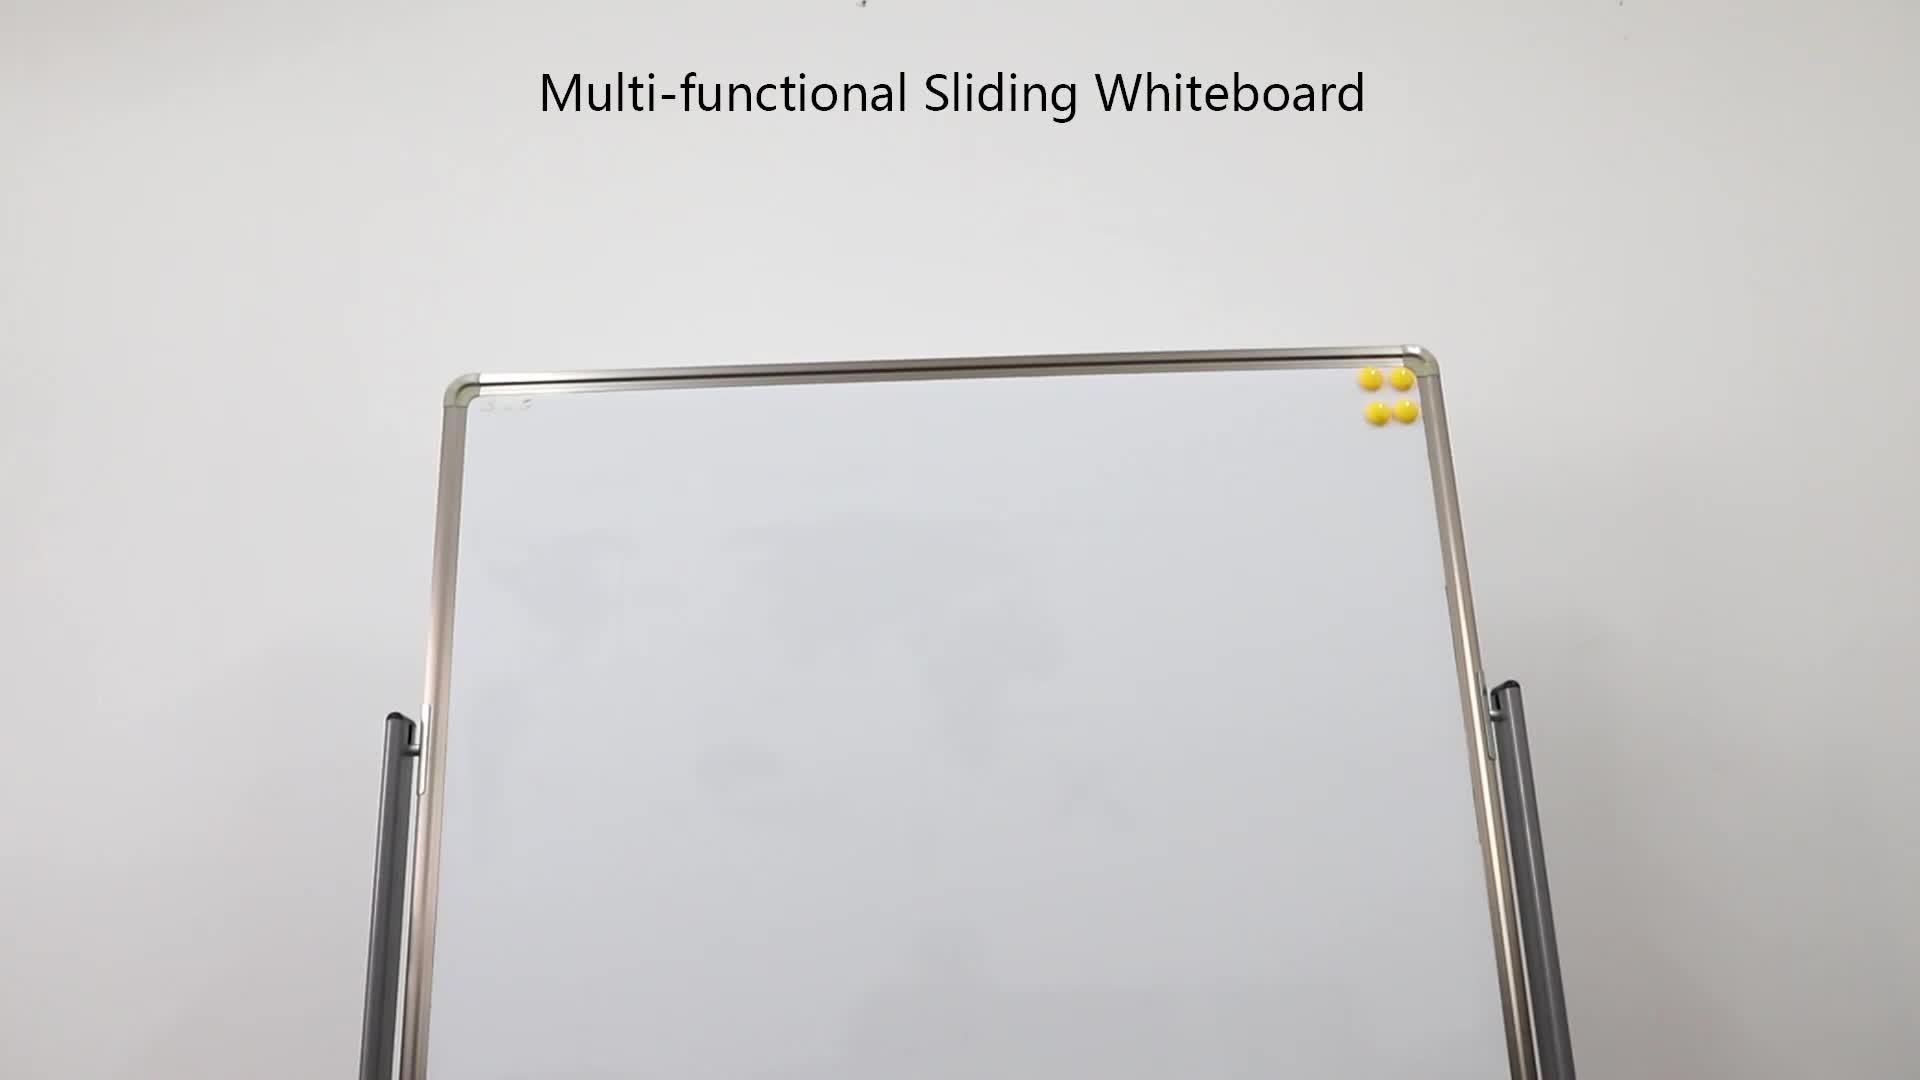 Enamel panel whiteboard for school/office writing